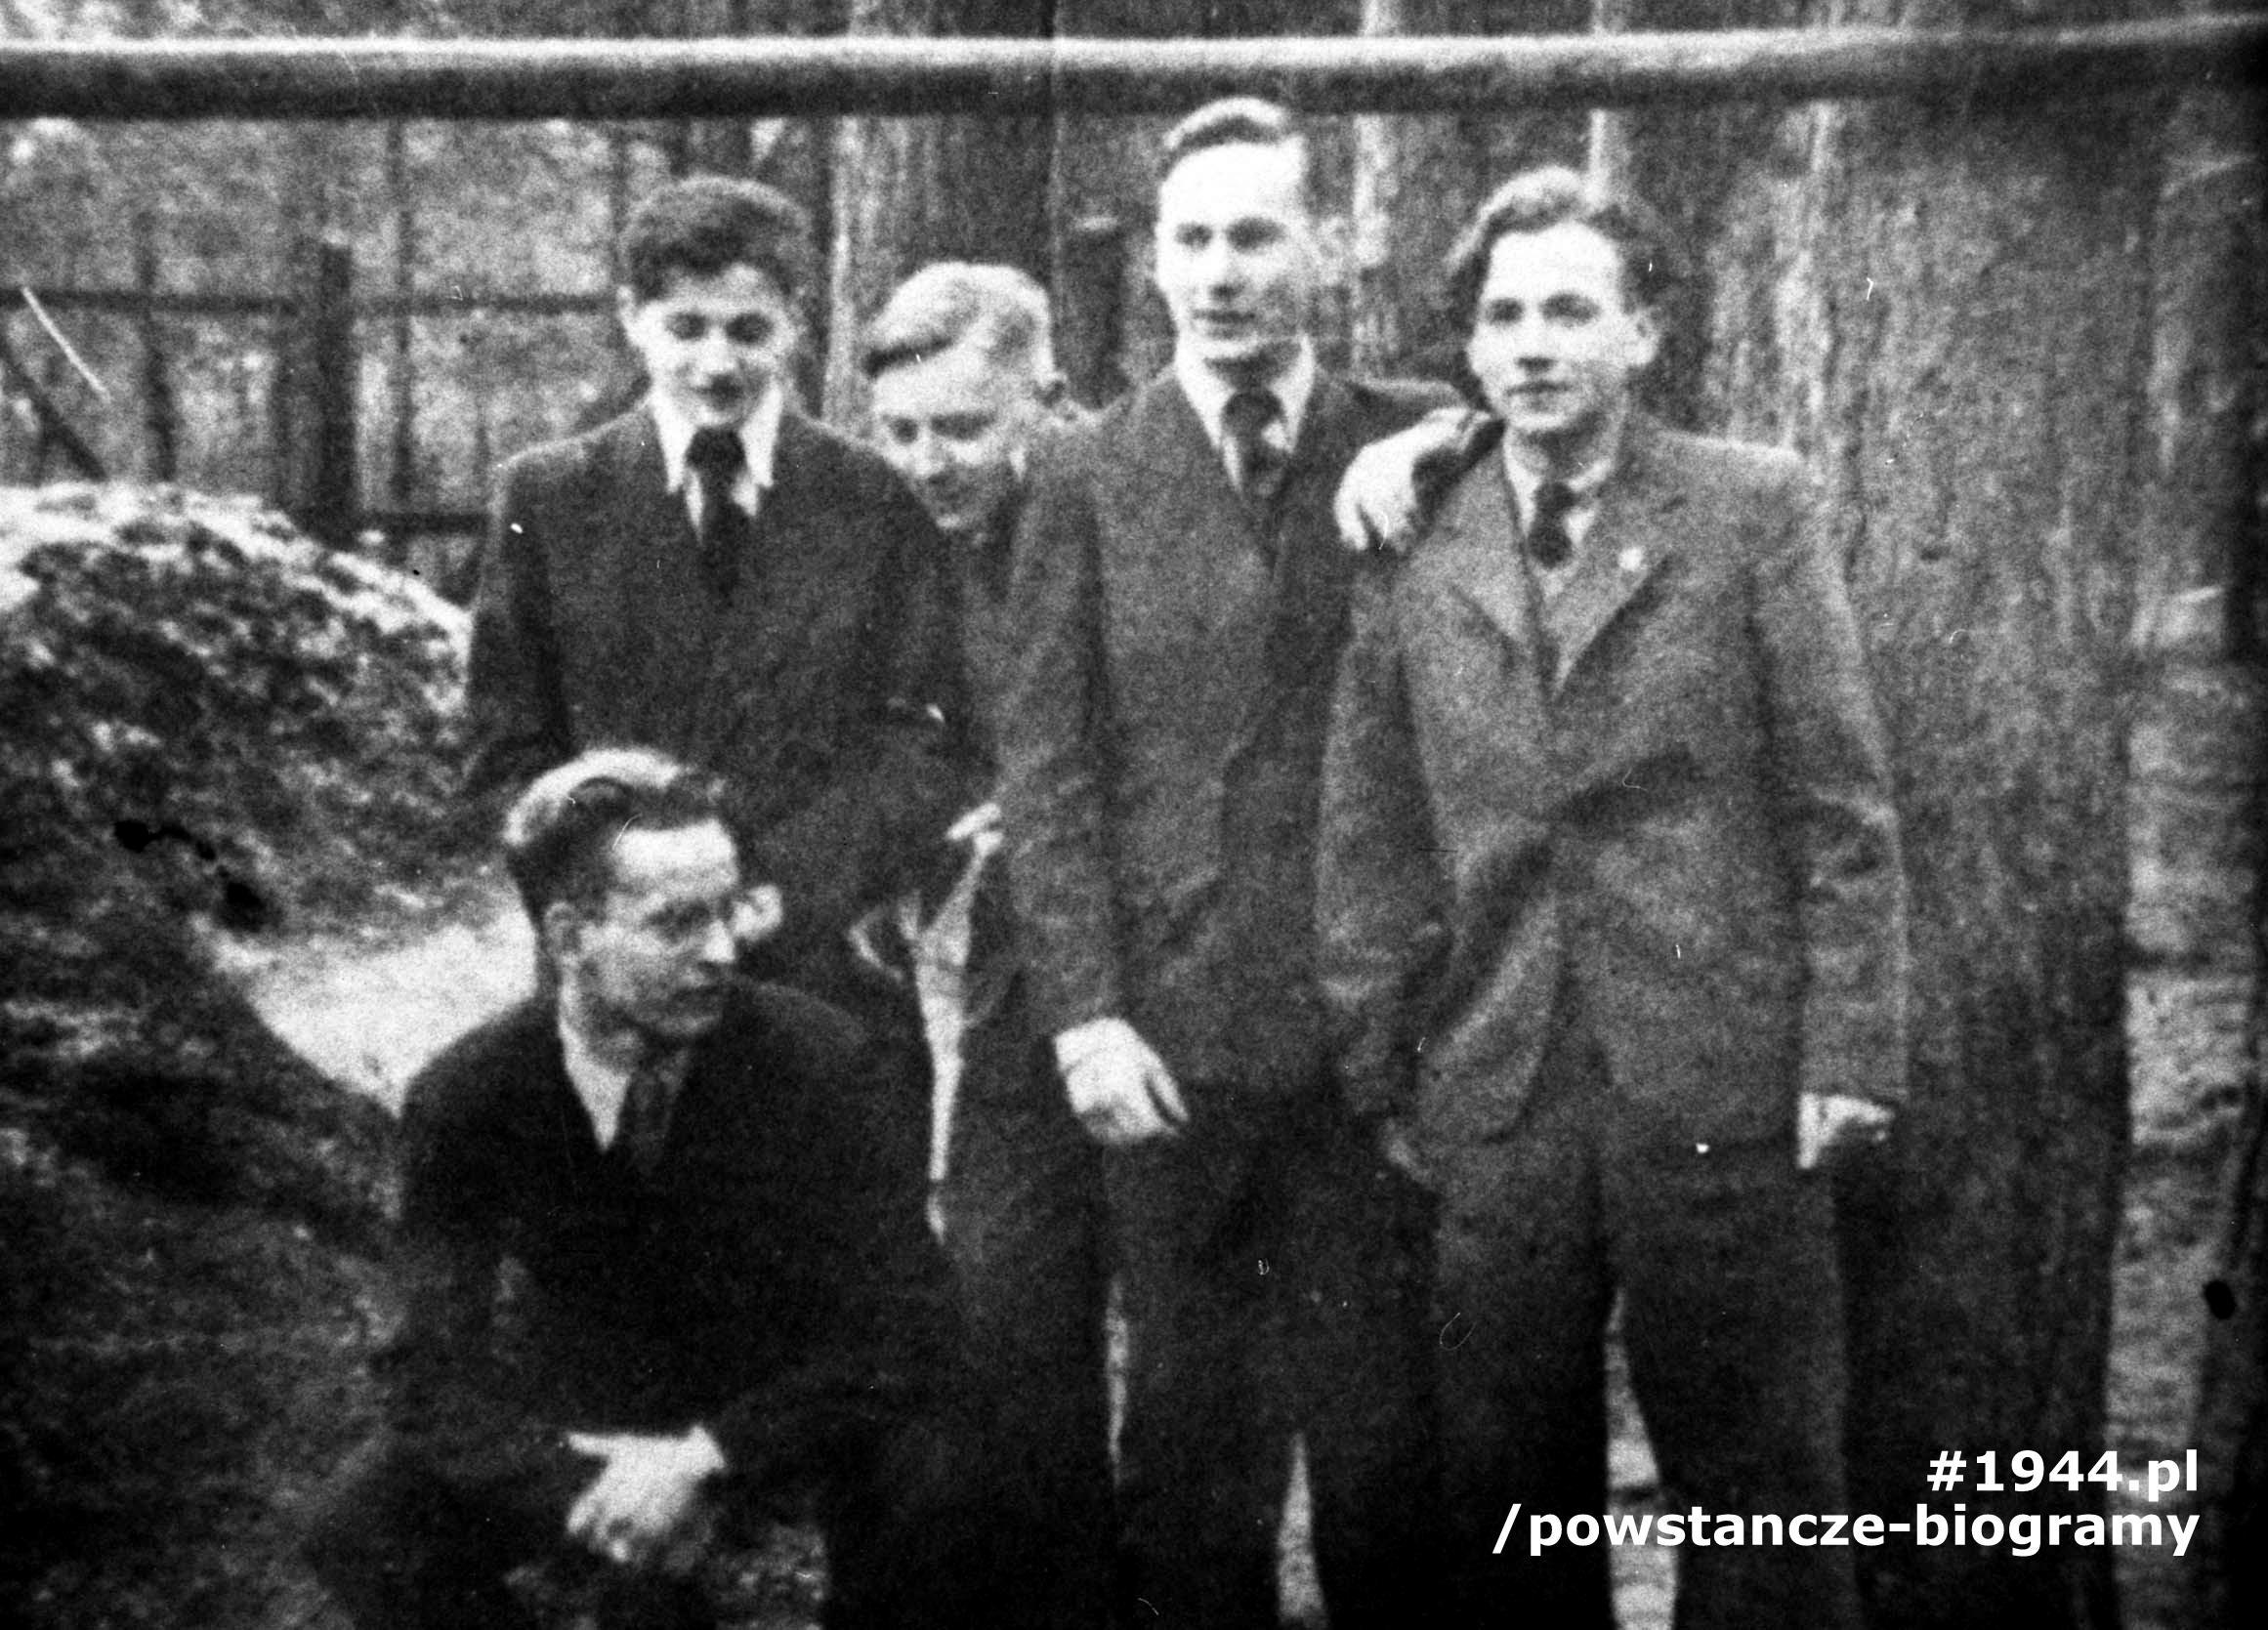 """Żołnierze II plutonu, kompanii B-3,  batalionu """"Bałtyk"""":  strz. Włodzimierz  Dyczak """"Bart""""(poległ 1 sierpnia 1944 na ul. Kazimierzowskiej), strz. Andrzej Słonimski ps. """"Piotr"""", strz. Marek Michalski """"Mar"""", strz. Jerzy Wojciechowski ps. """"Emil"""" (poległ 1 sierpnia 1944),  NN. Fot. ze zbiorów Muzeum Powstania Warszawskiego, sygn. MPW-IH/1048"""